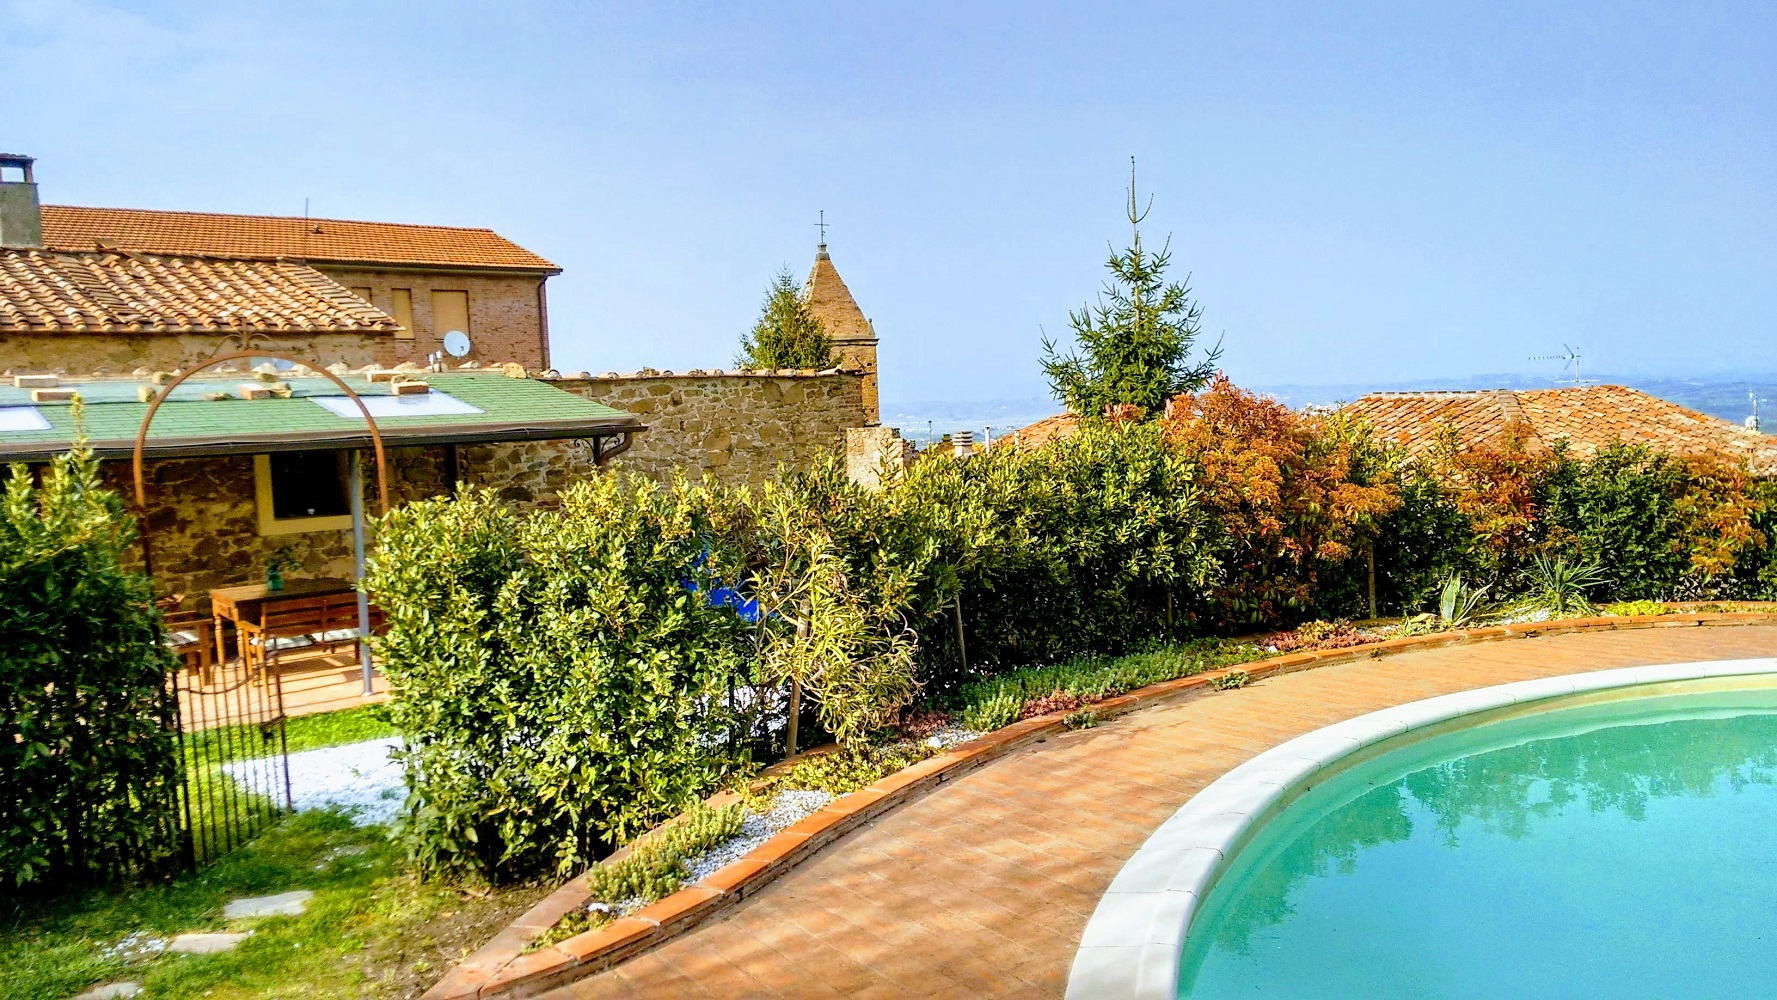 Toskana - Pisa, exklusives Ferienhaus mit Pool, yoga, internet, solarheizung, kamin, umweltfreundlich